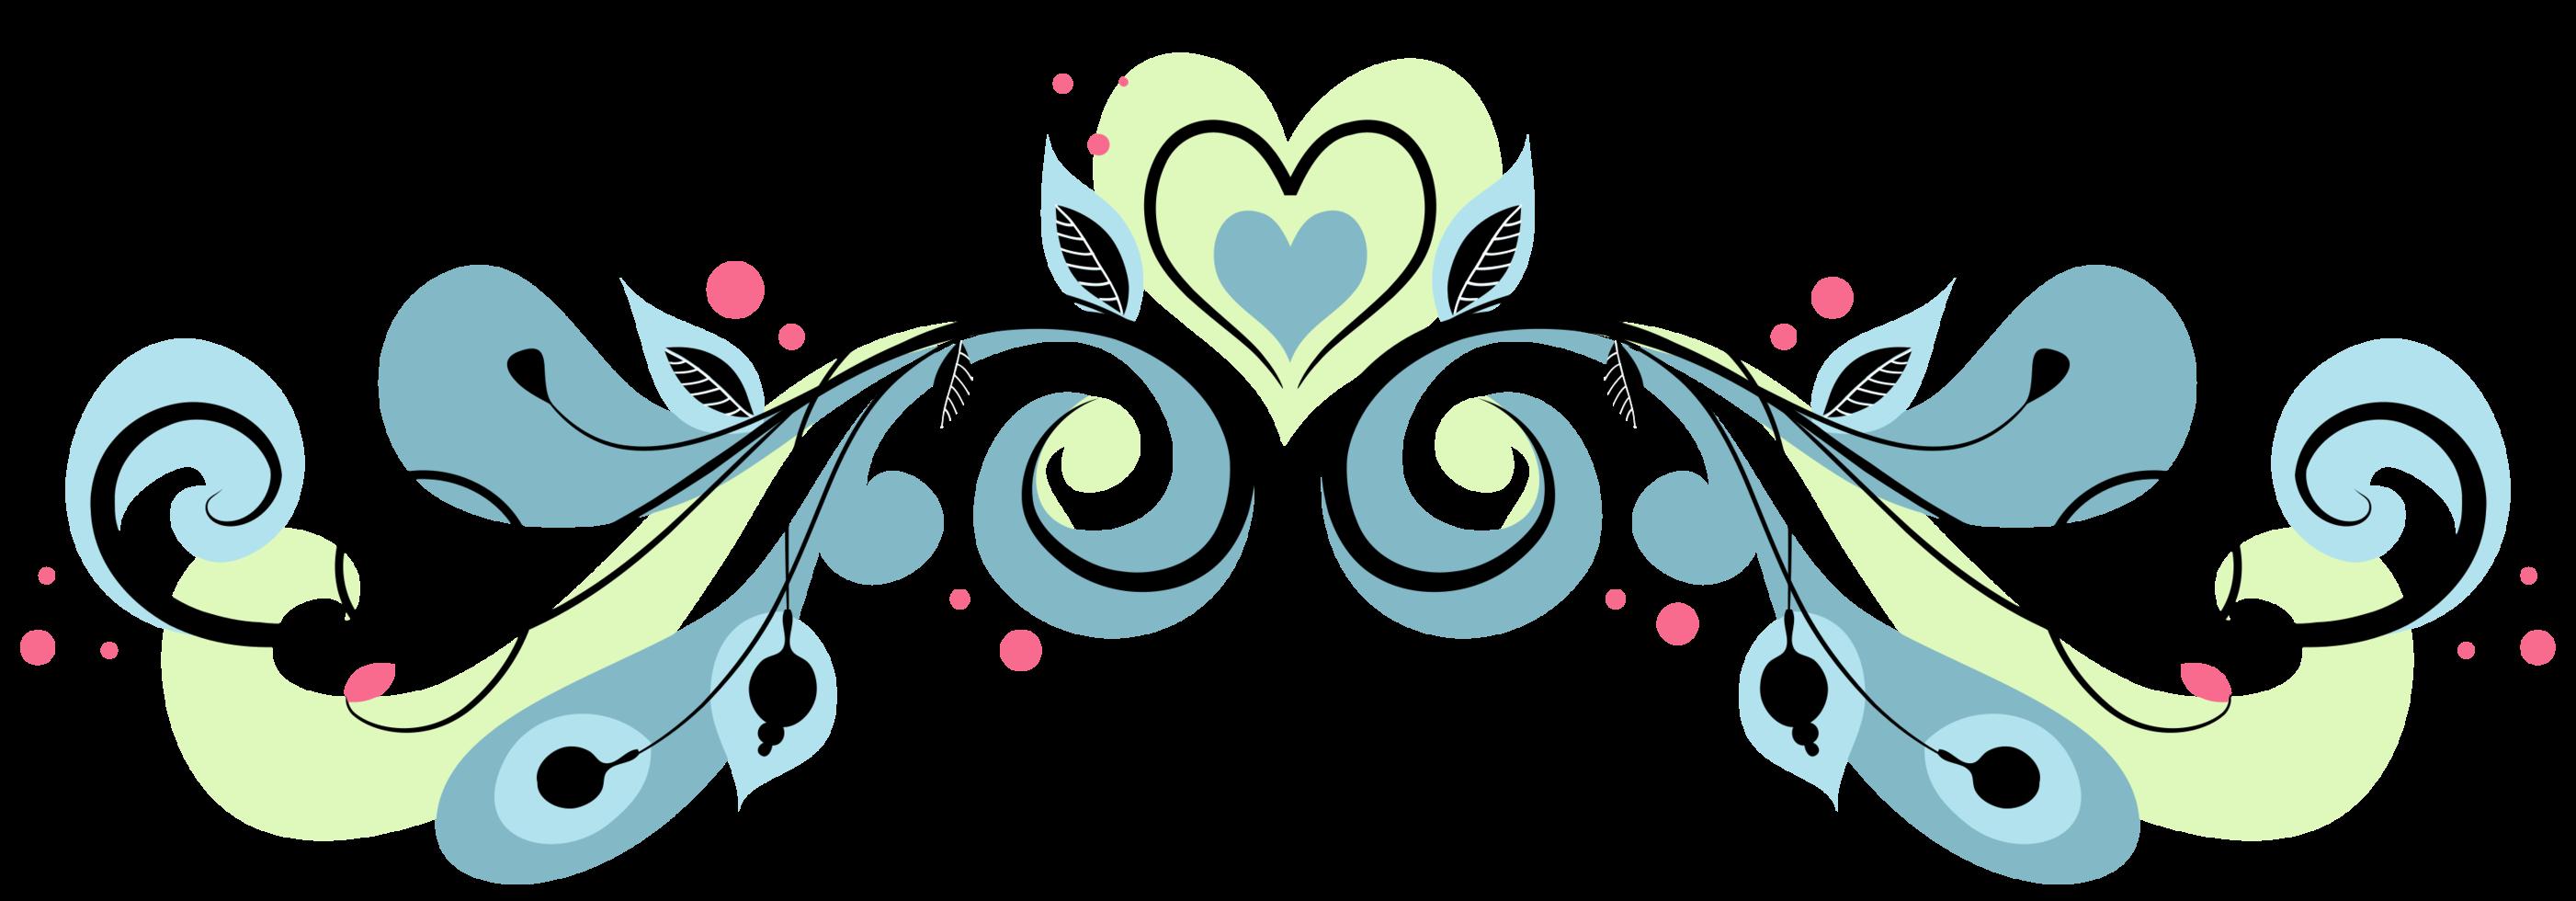 hart decoratie png